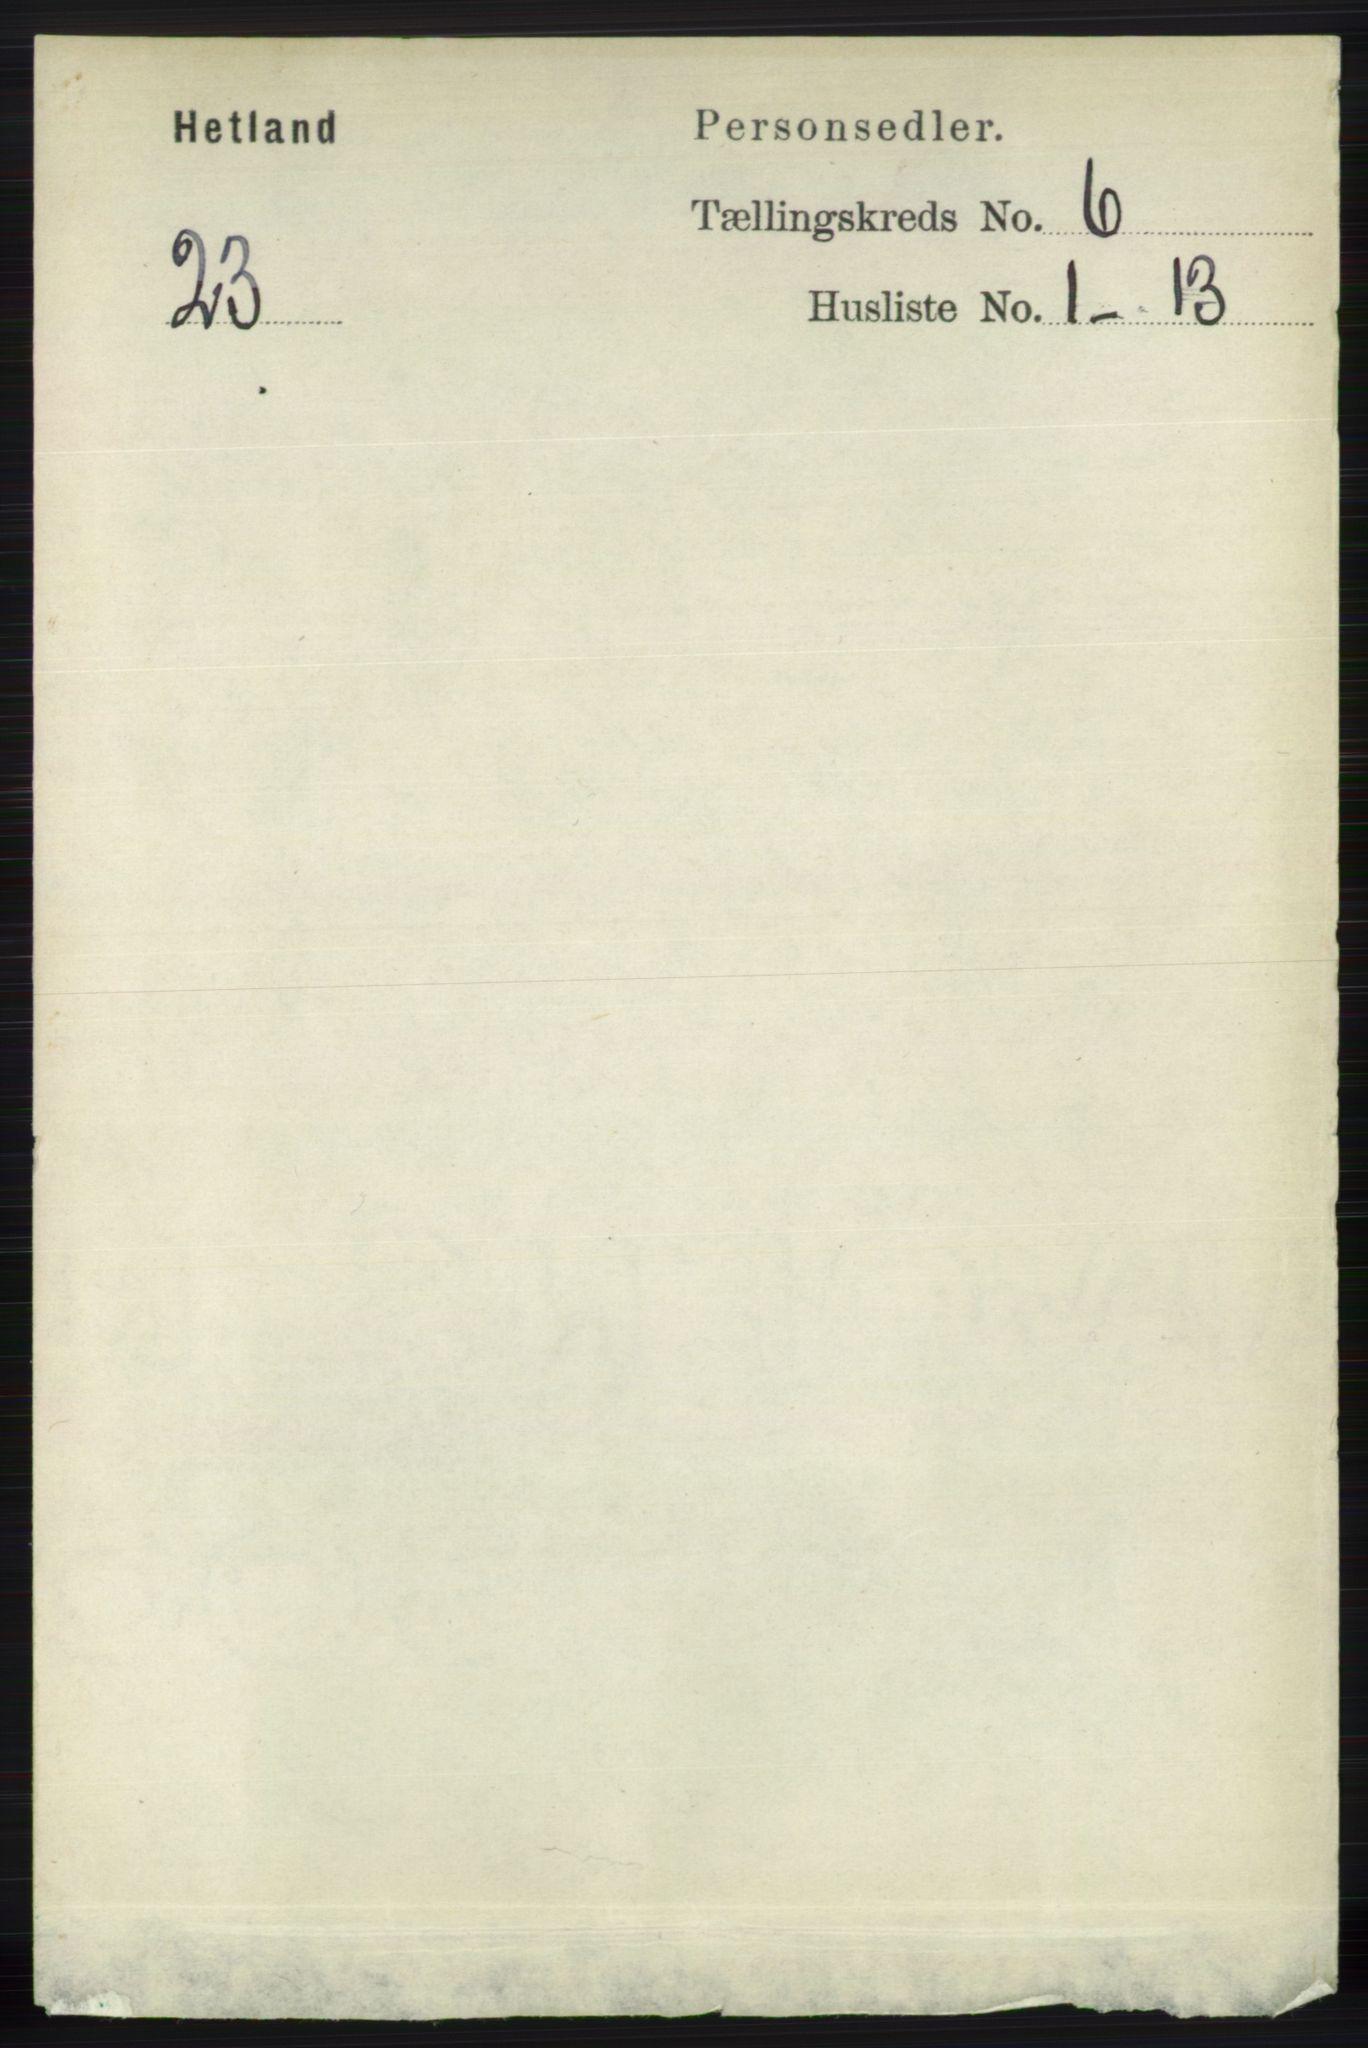 RA, Folketelling 1891 for 1126 Hetland herred, 1891, s. 3394